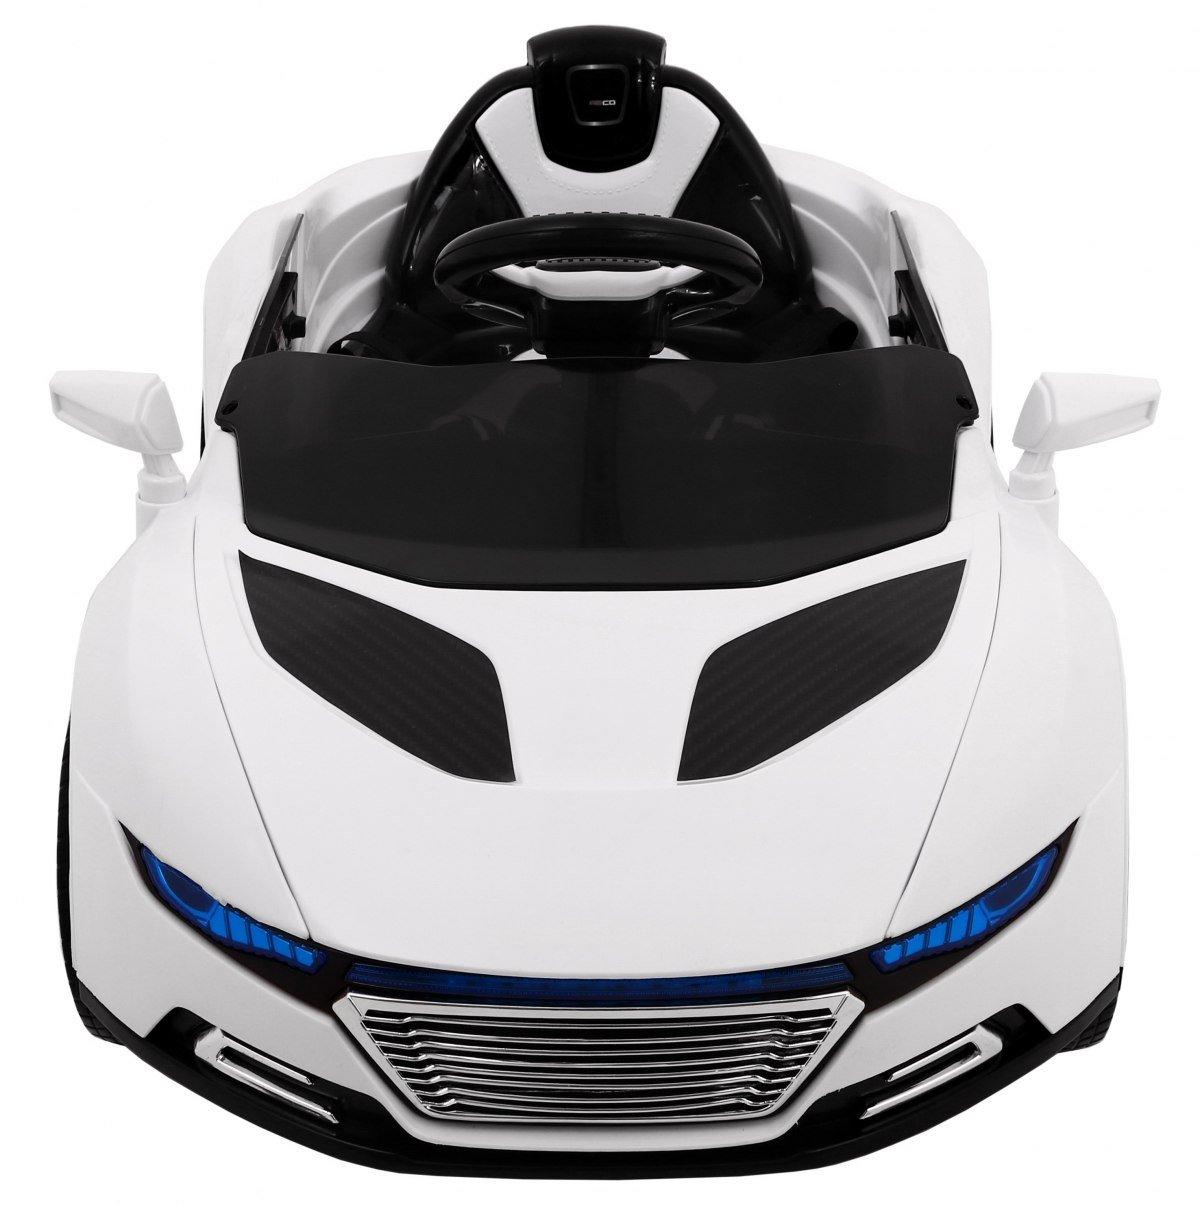 Coche Electrico para Niños Auto Alimentado con Batería Vehículo Eléctrico Control Remoto - S-Turbo - Blanco: Amazon.es: Juguetes y juegos